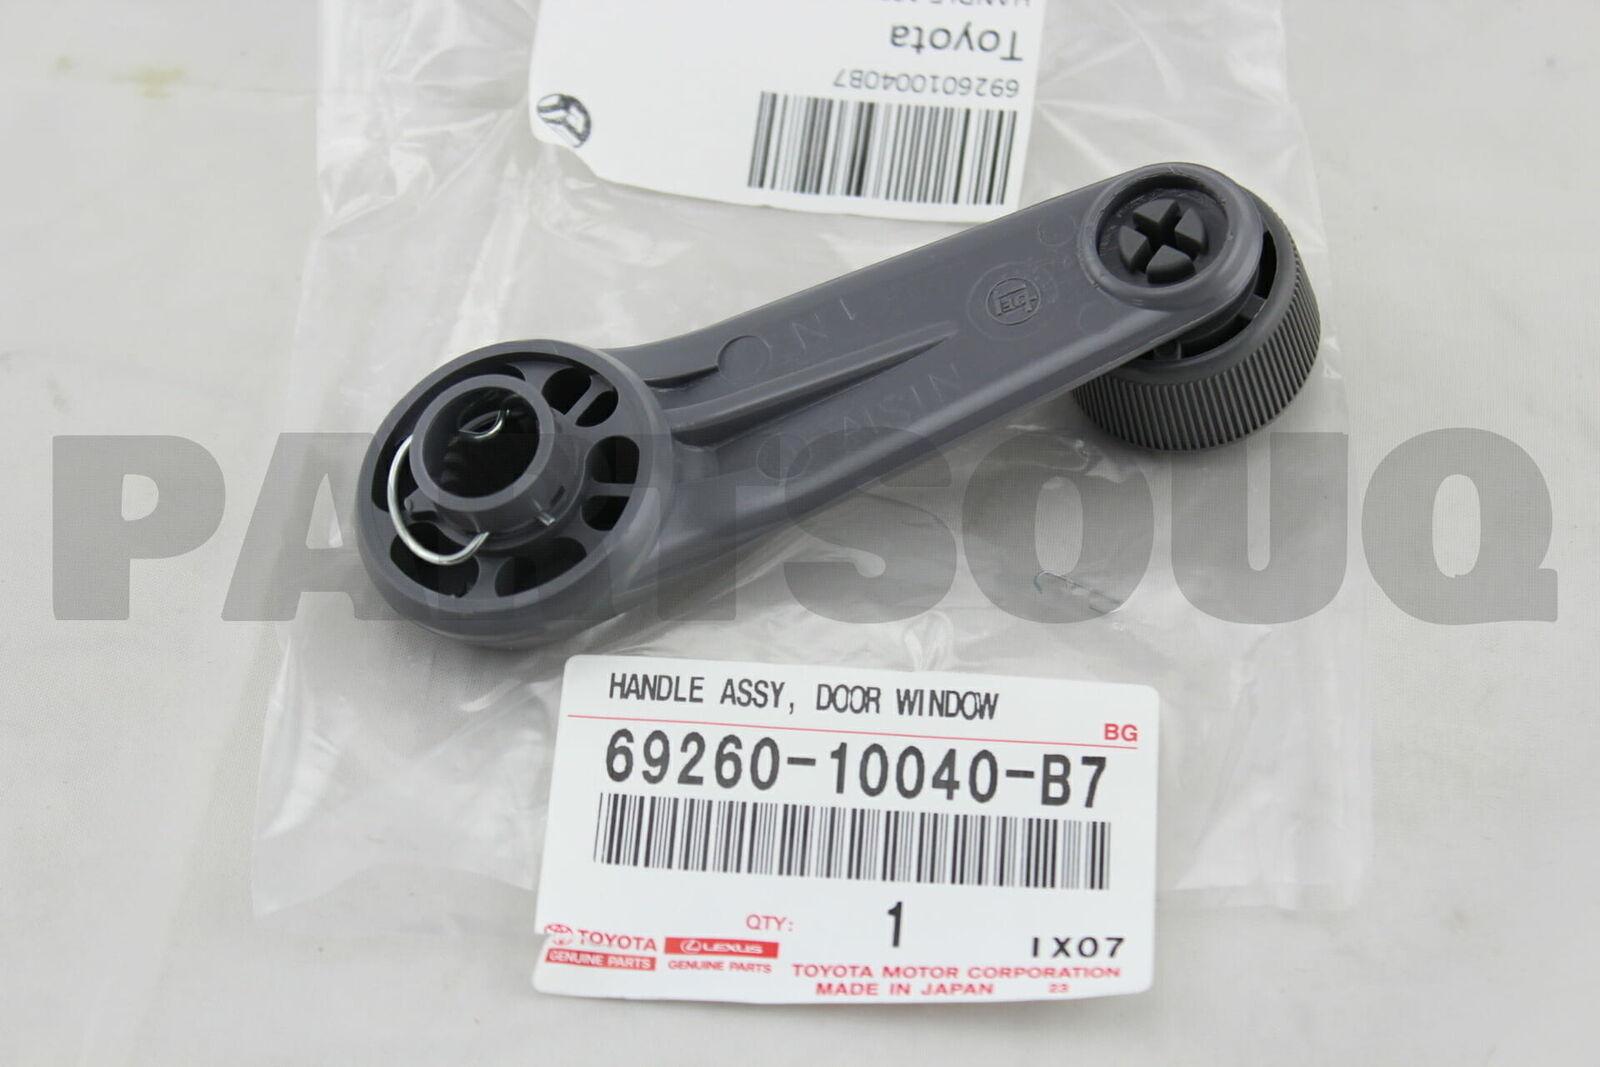 FRONT DOOR WINDOW REGULATOR 6926010040B1 Genuine Toyota HANDLE ASSY